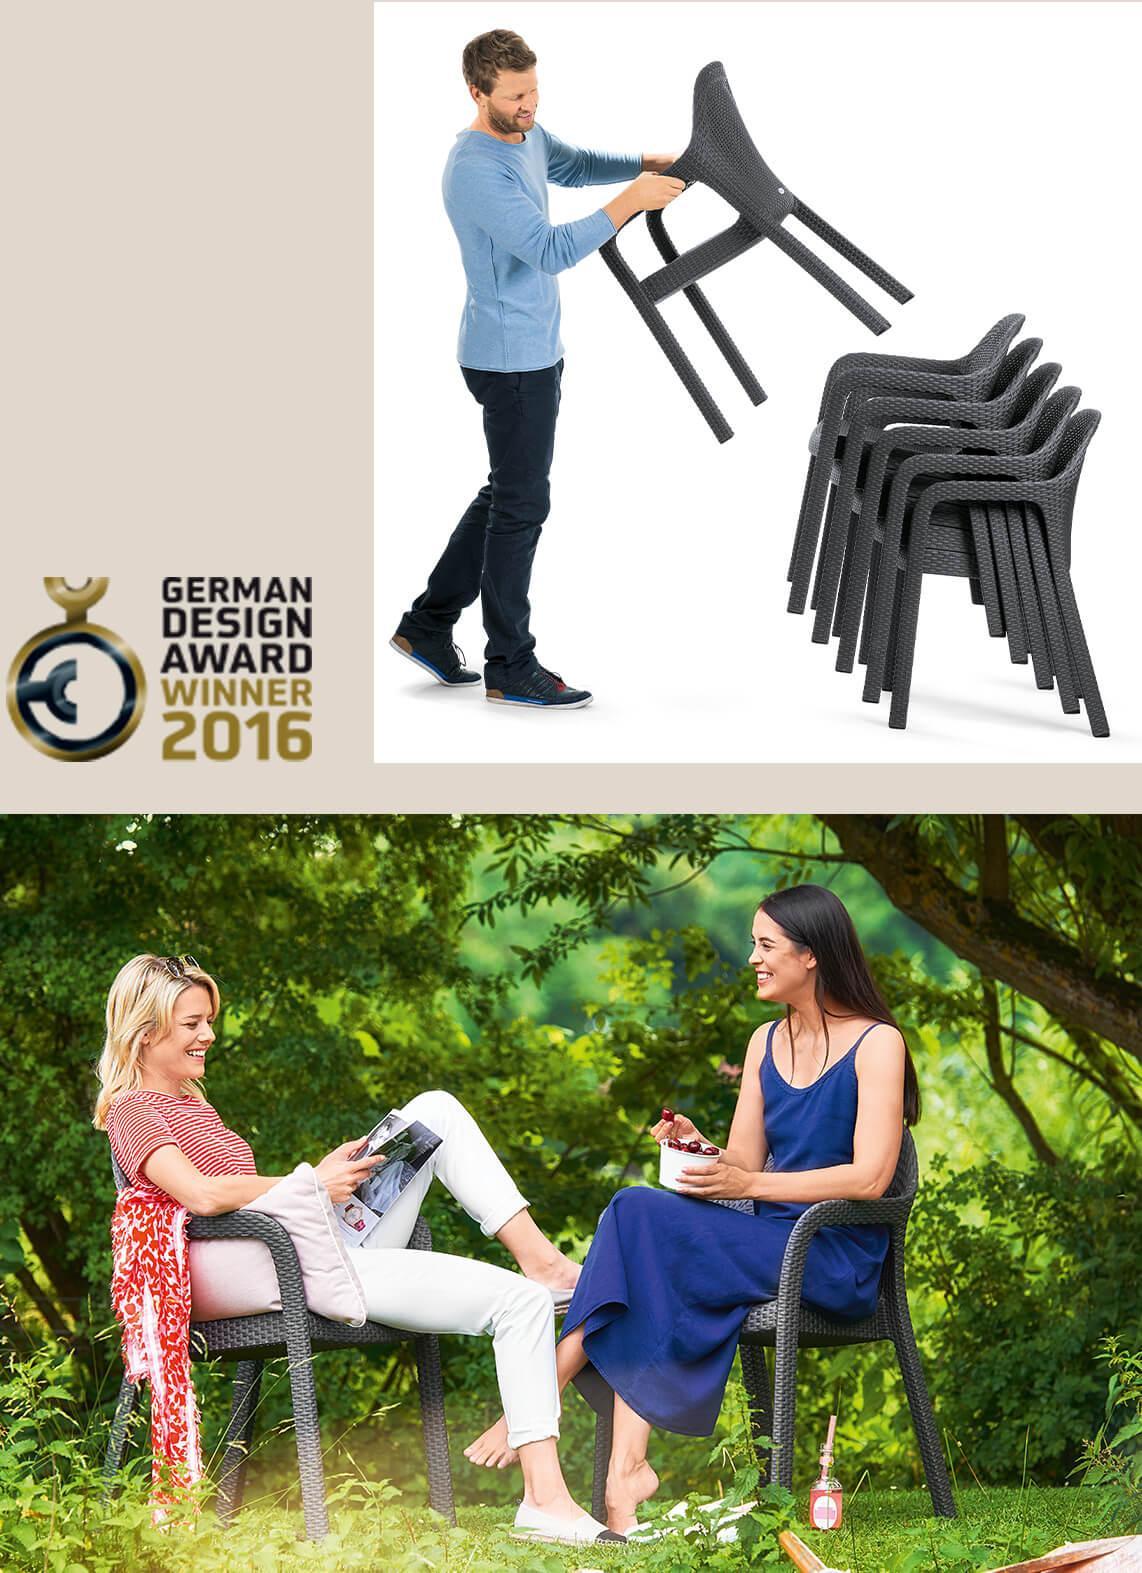 'Молодой человек легко укладывает несколько стульев LECHUZA друг на друга. Двое друзей сидят на стульях под деревом